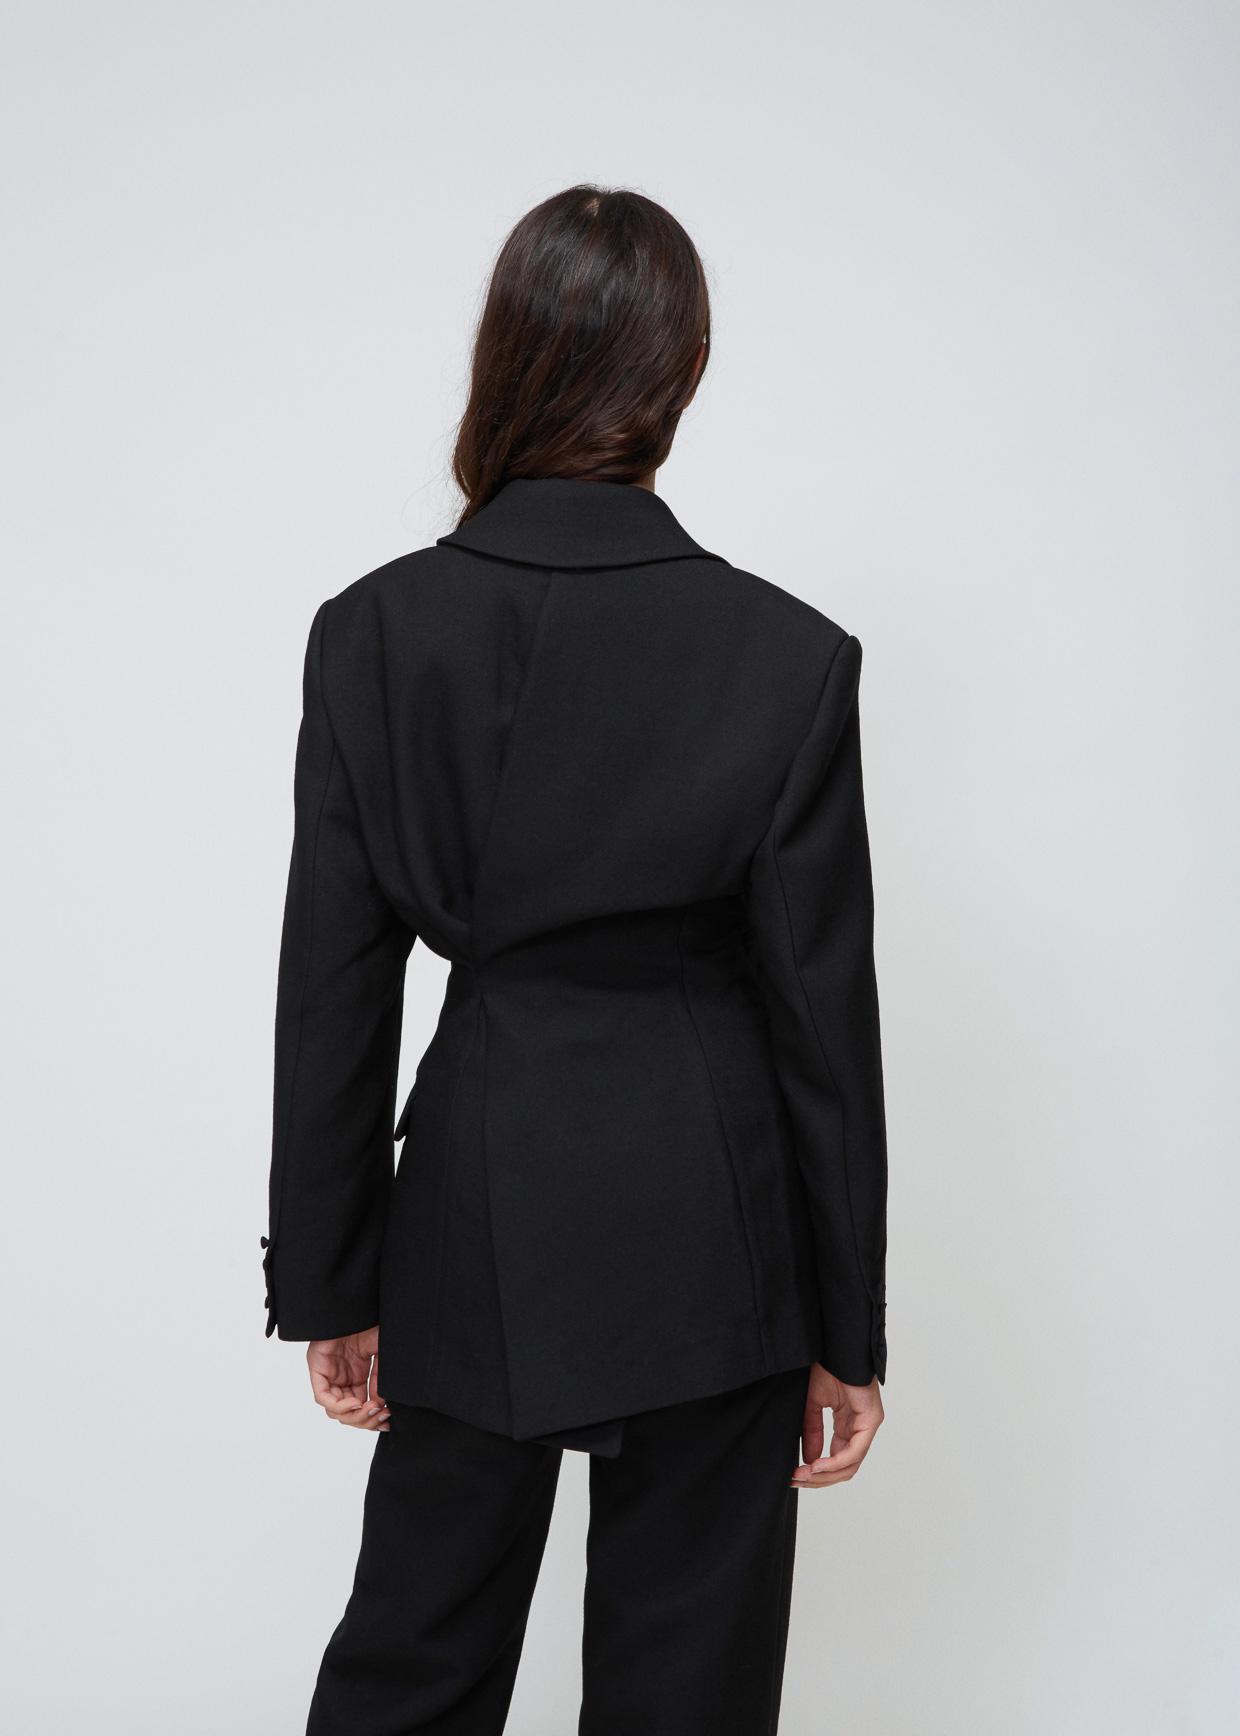 0ff6ff8834da De La In Jacquemus Costume Veste Black Lyst IPx4qwZpOq